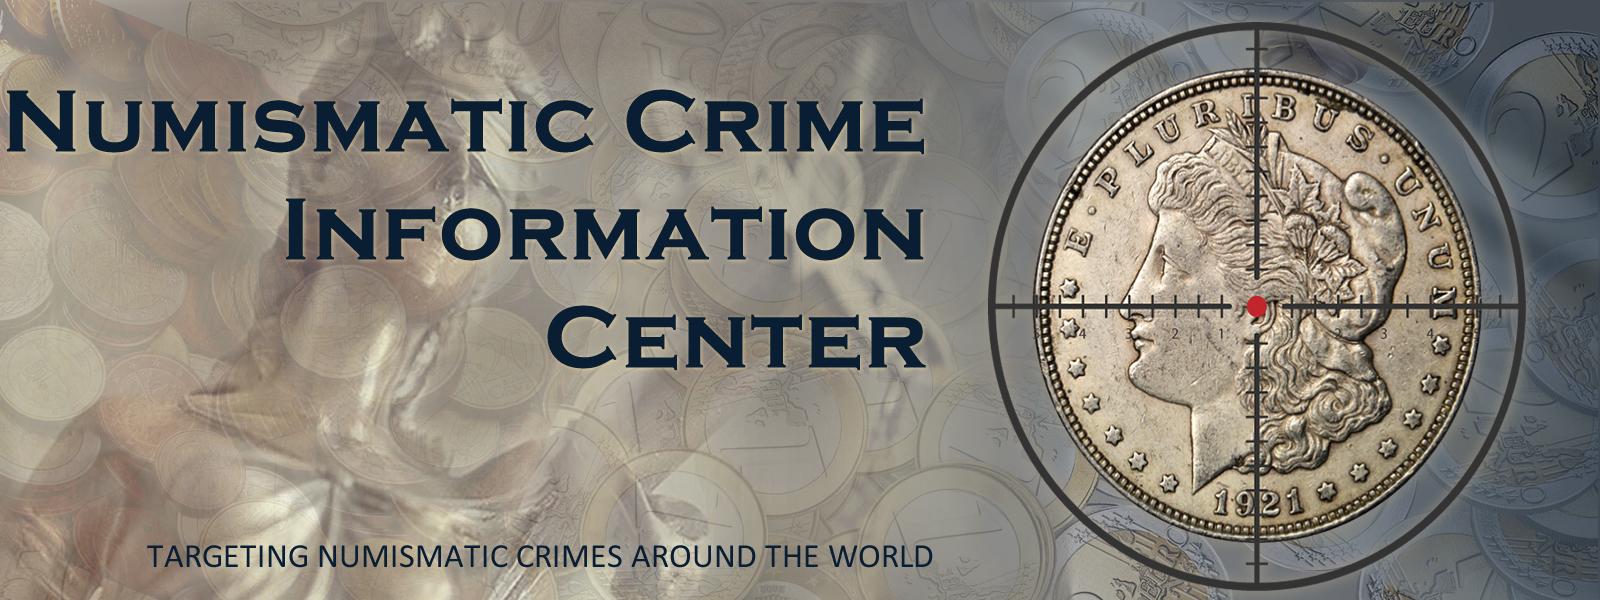 NCIC Home Page Slider Image